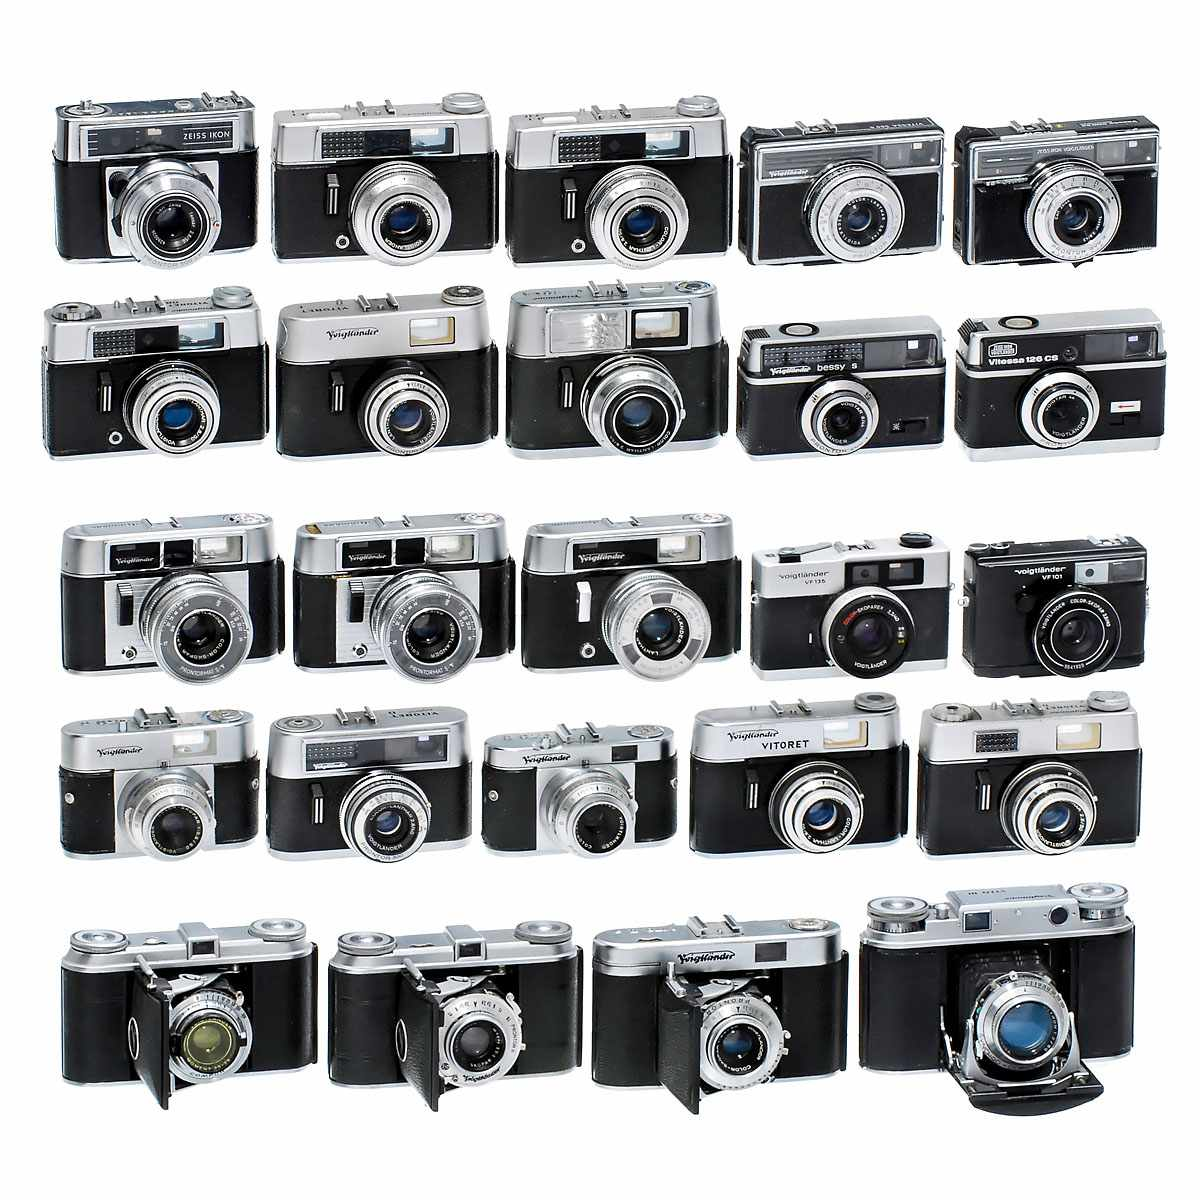 23 Viewfinder Cameras by Voigtländer Voigtländer, Braunschweig. 1-2) 2 x Vito (two different Vito